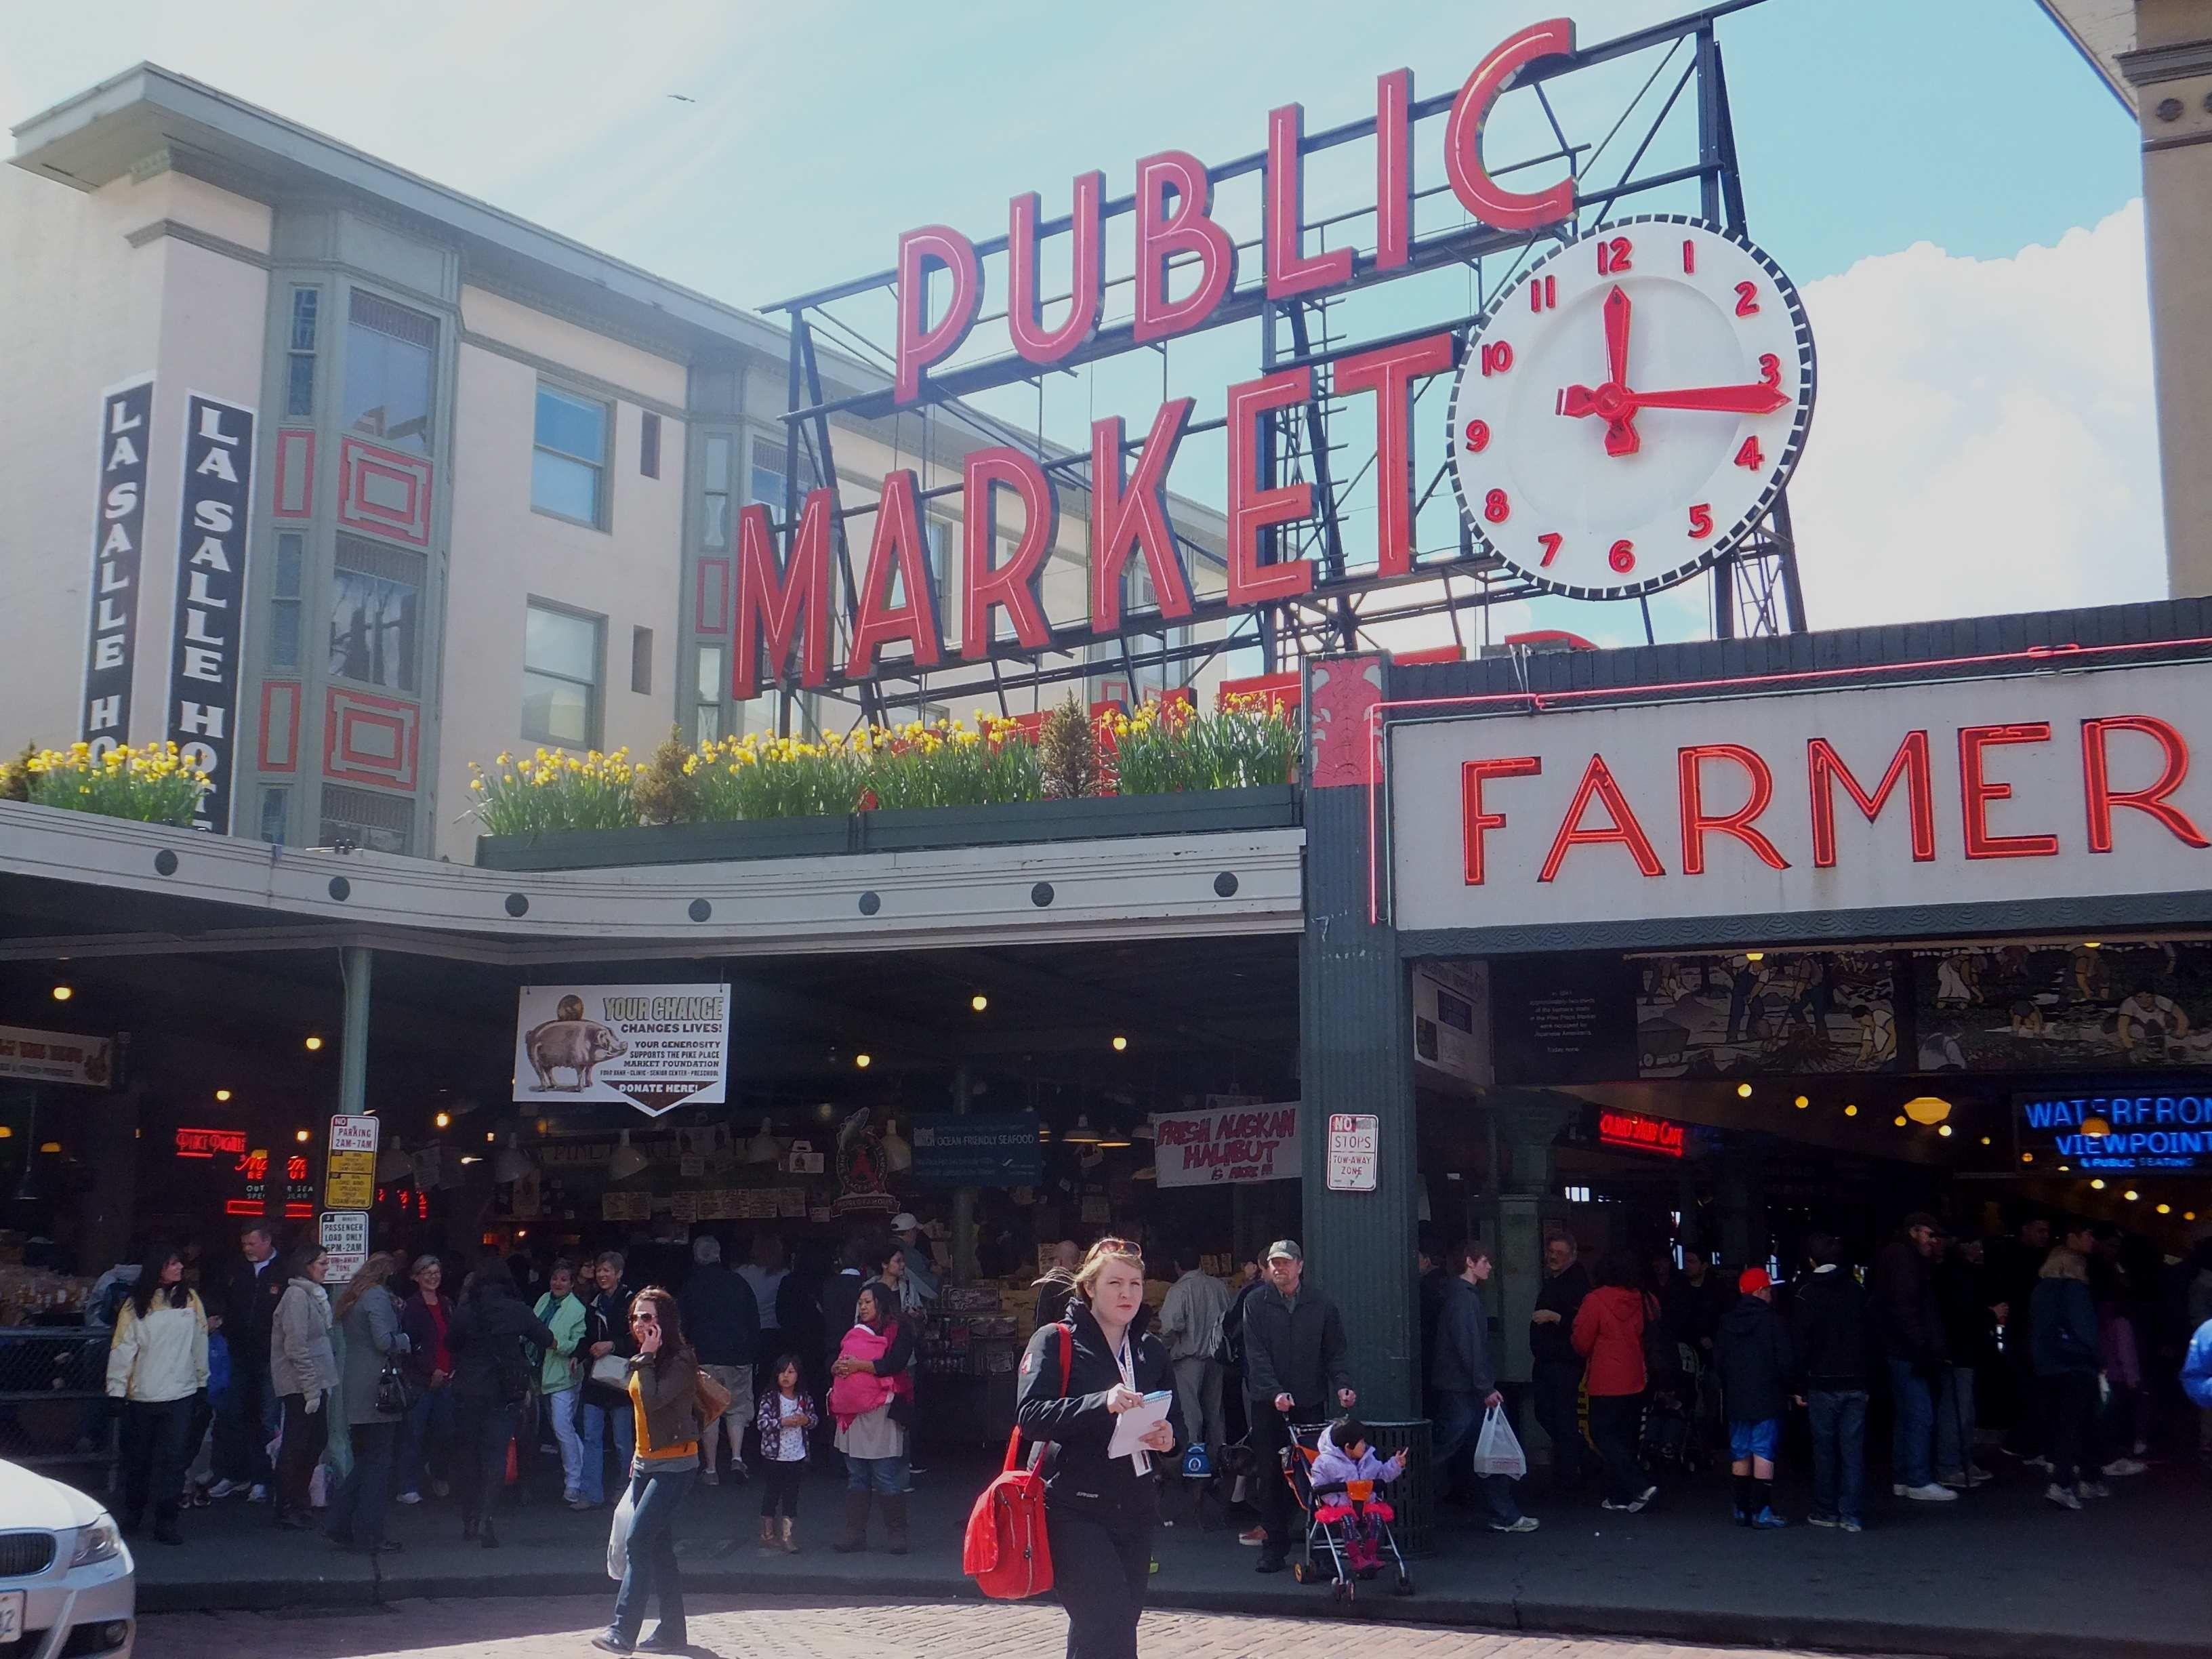 Pike place market Seattle WA USA Pike